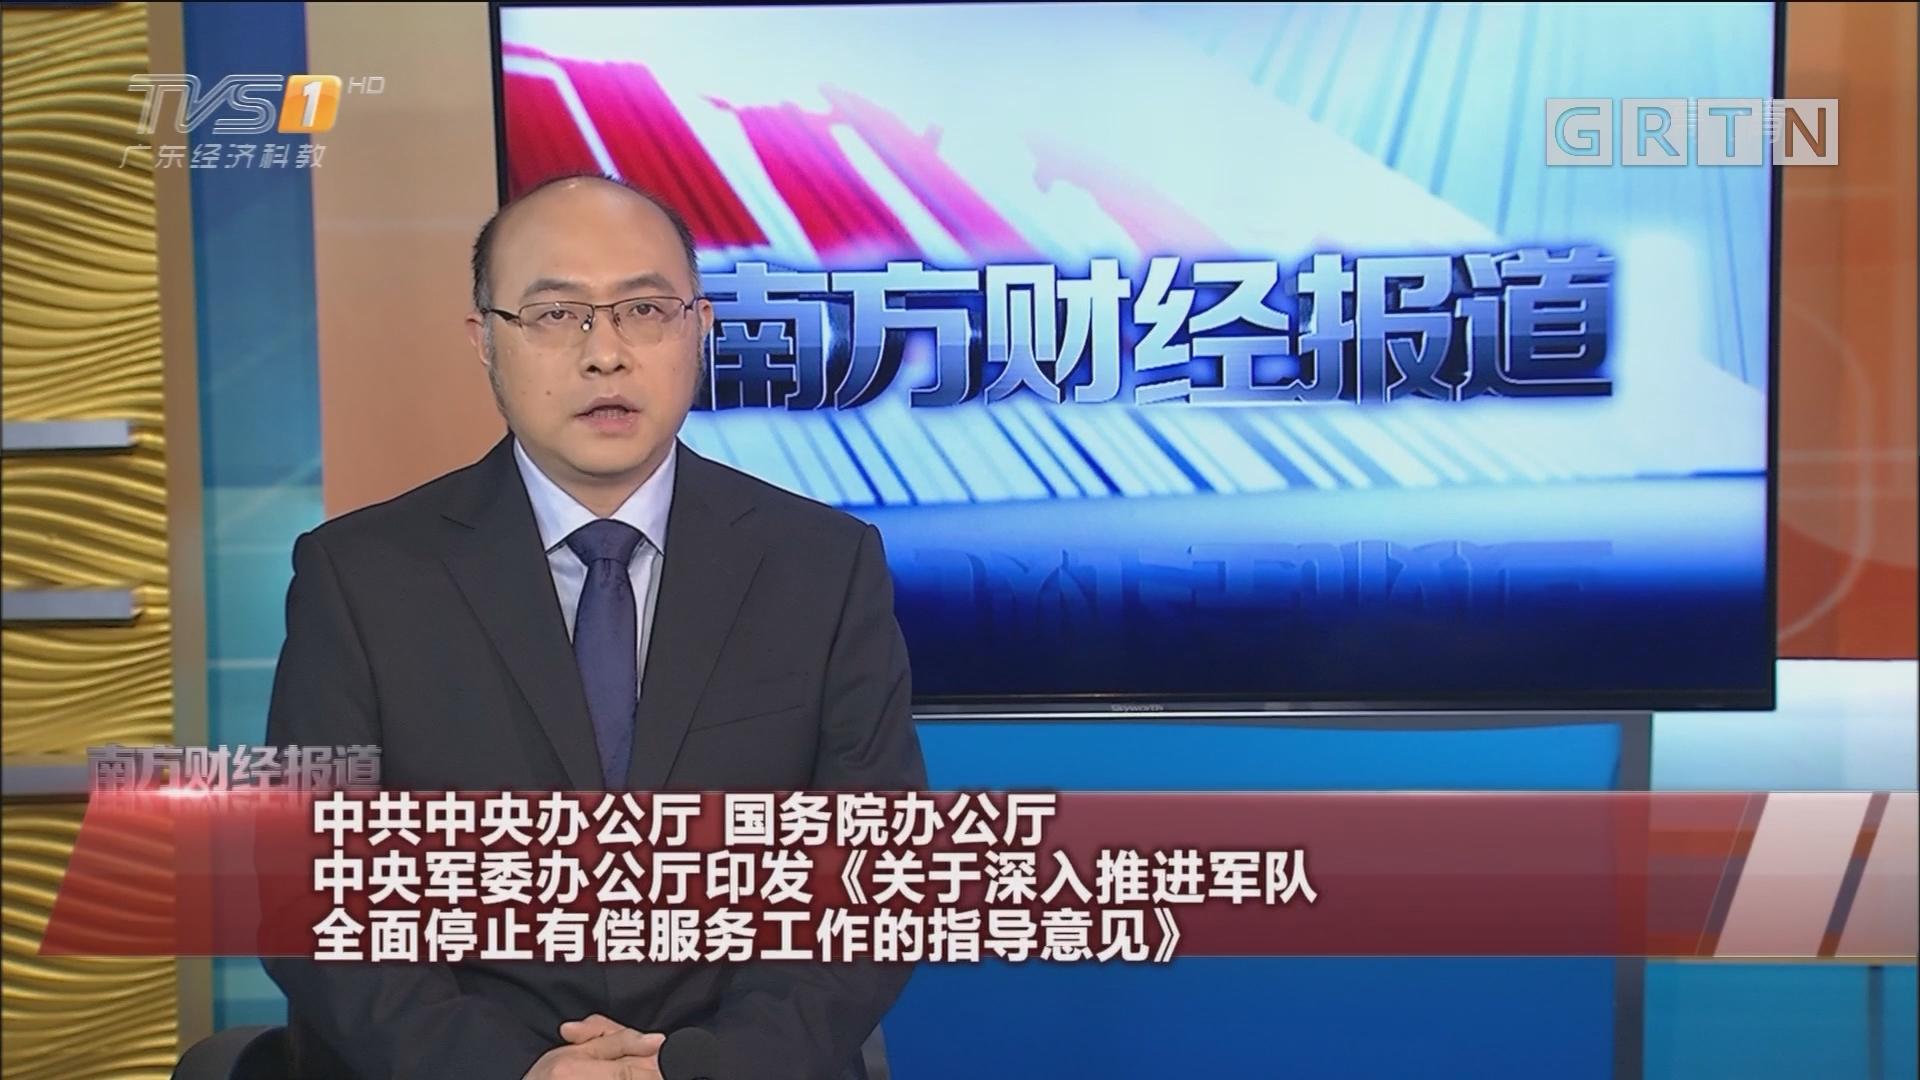 中共中央办公厅 国务院办公厅 中央军委办公厅印发 《关于深入推进军队全面停止有偿服务工作的指导意见》